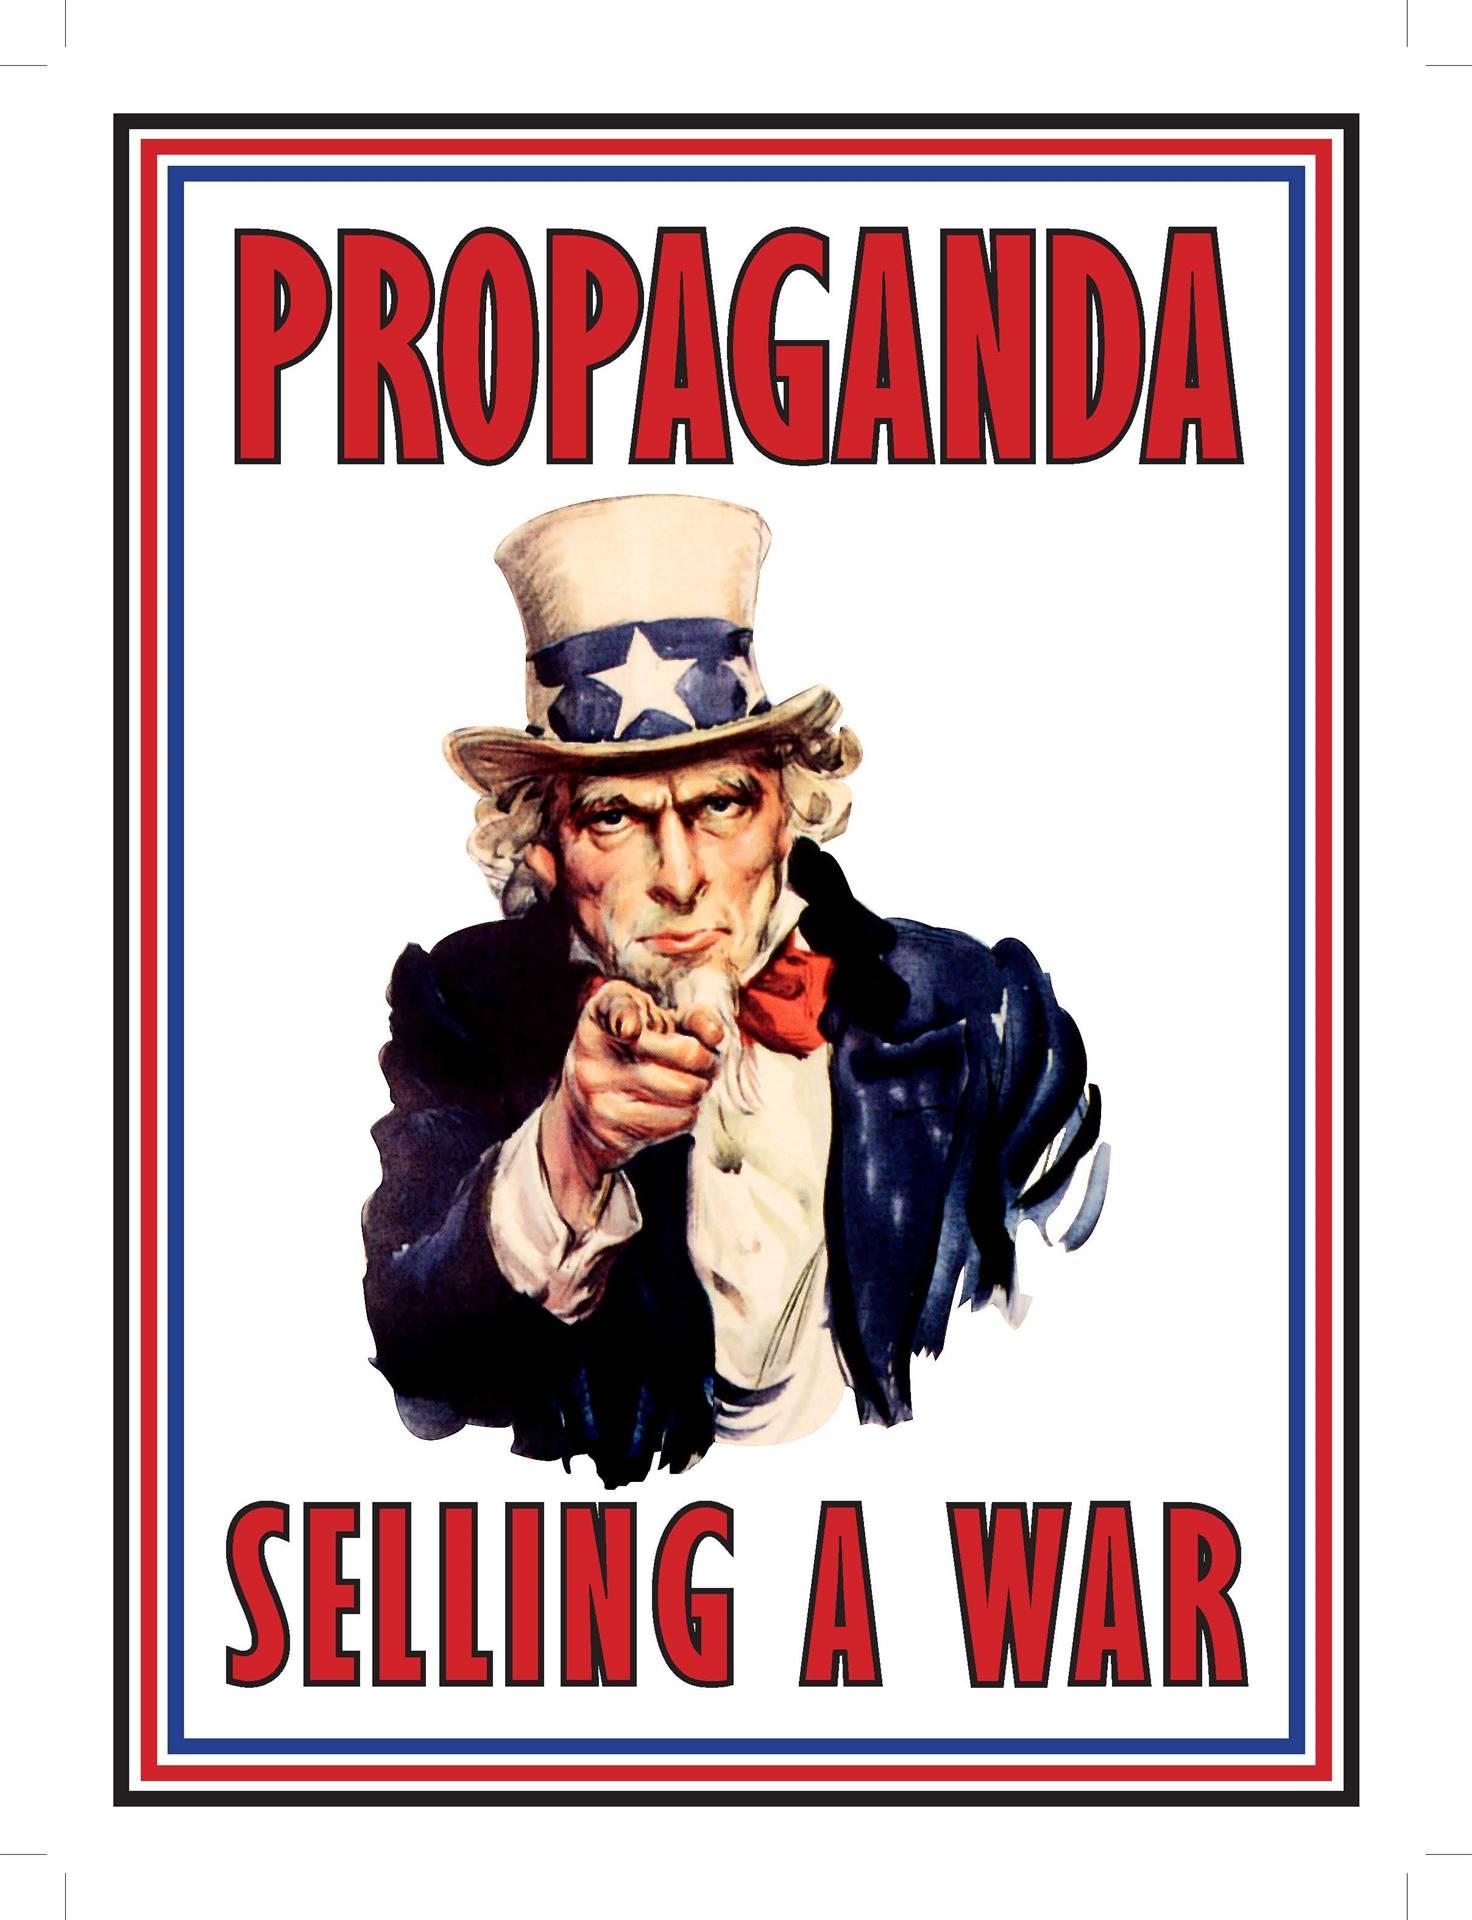 Propaganda-Selling a War Flyer